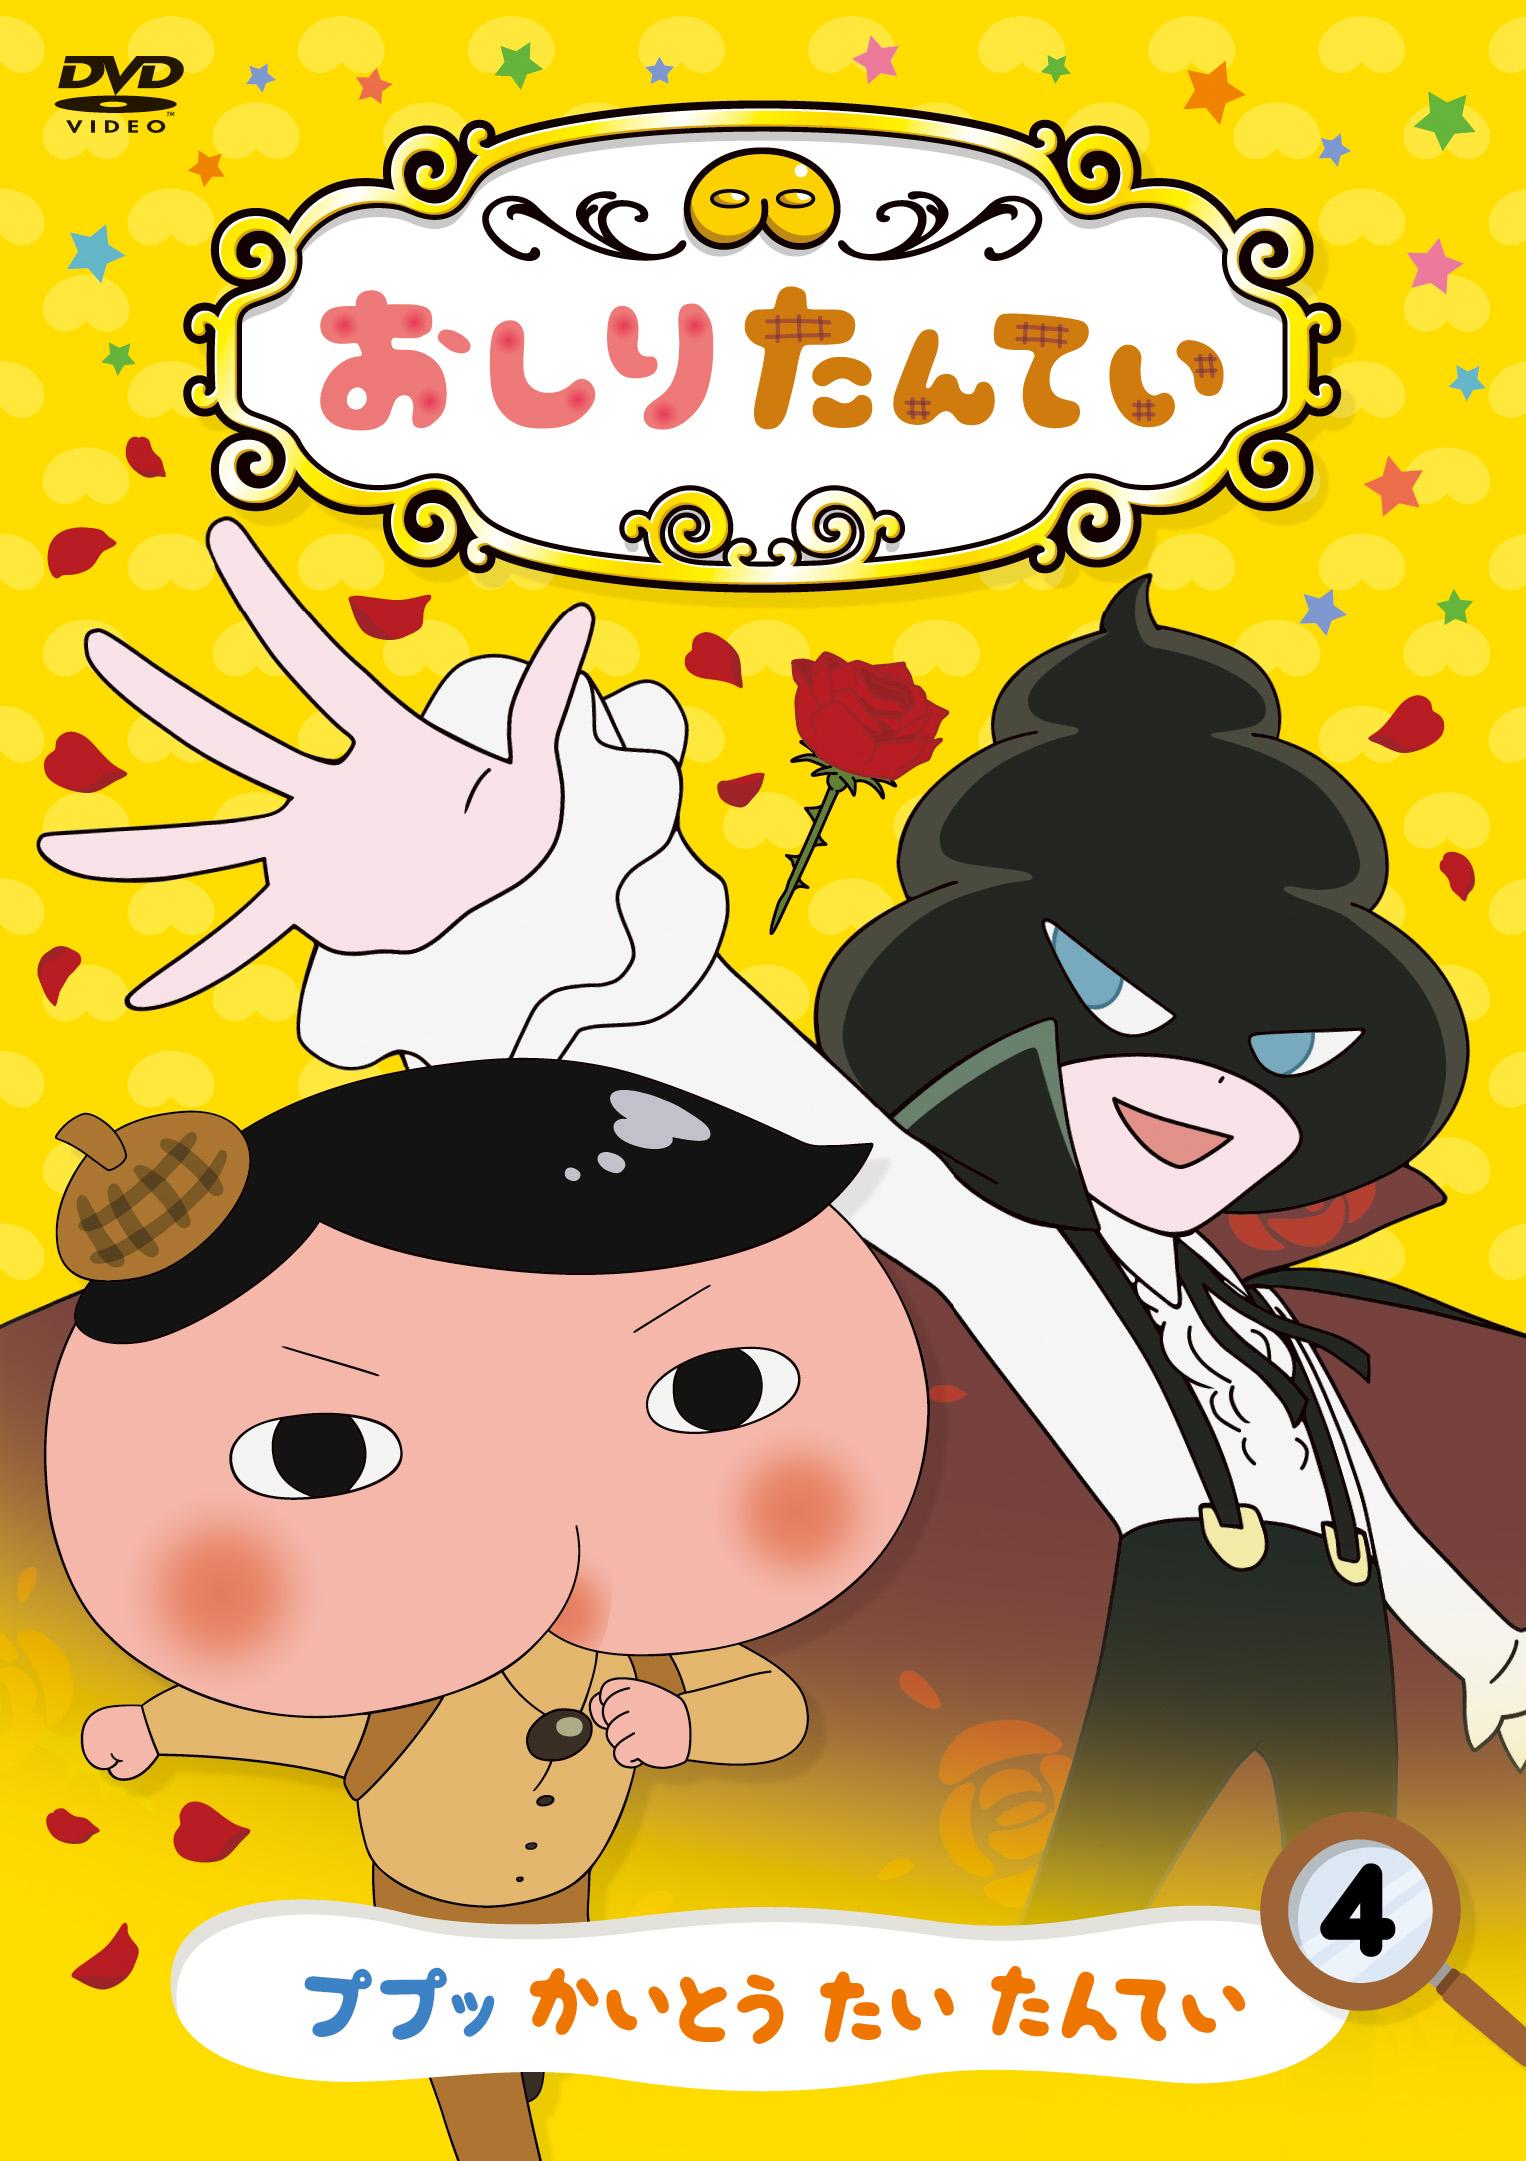 話題沸騰中の人気アニメ「おしりたんてい」DVD第4巻が発売決定!